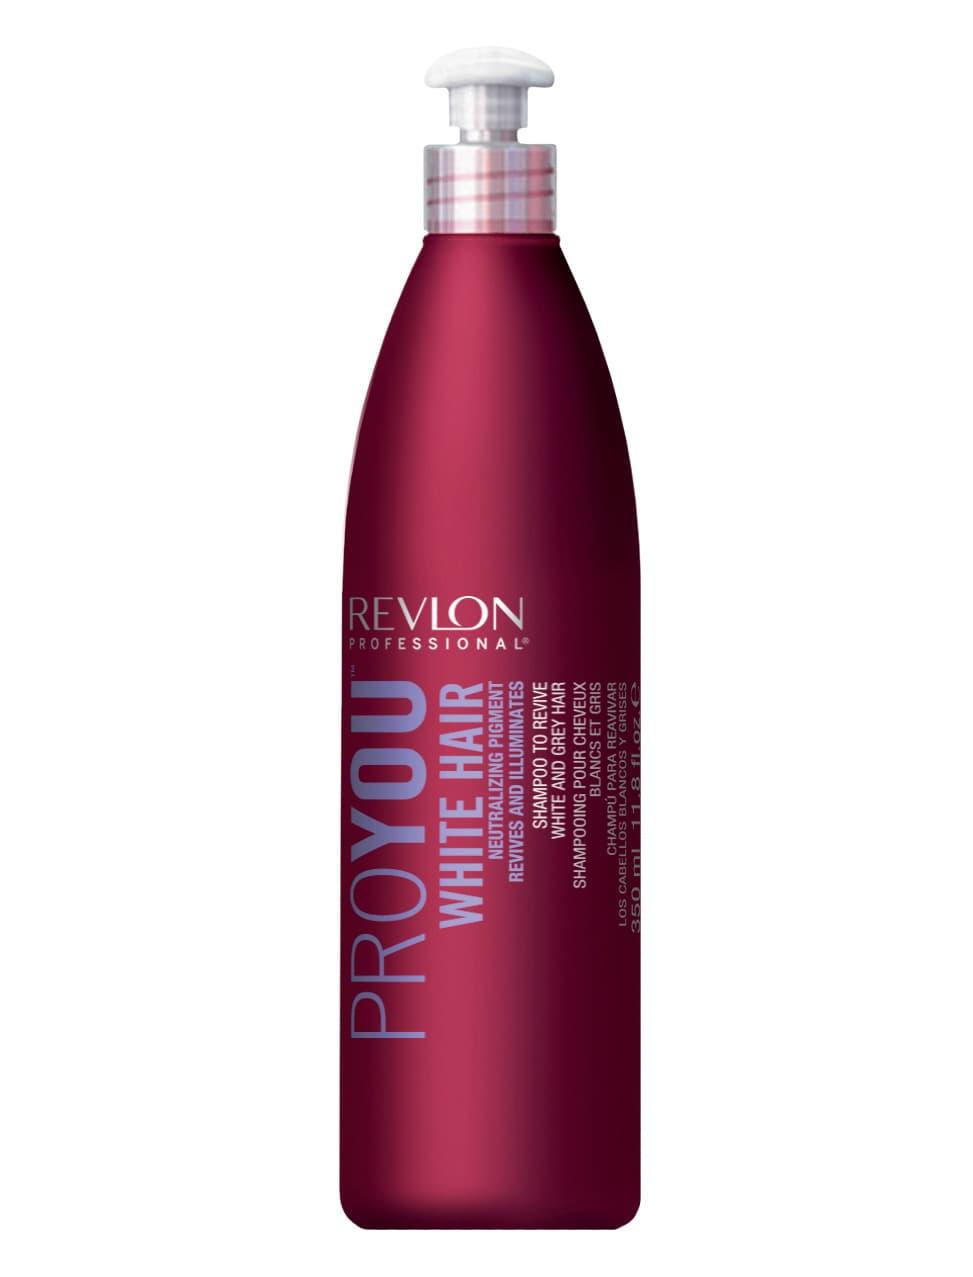 Revlon Professional Proyou White Hair Шампунь Для Блондированных Волос